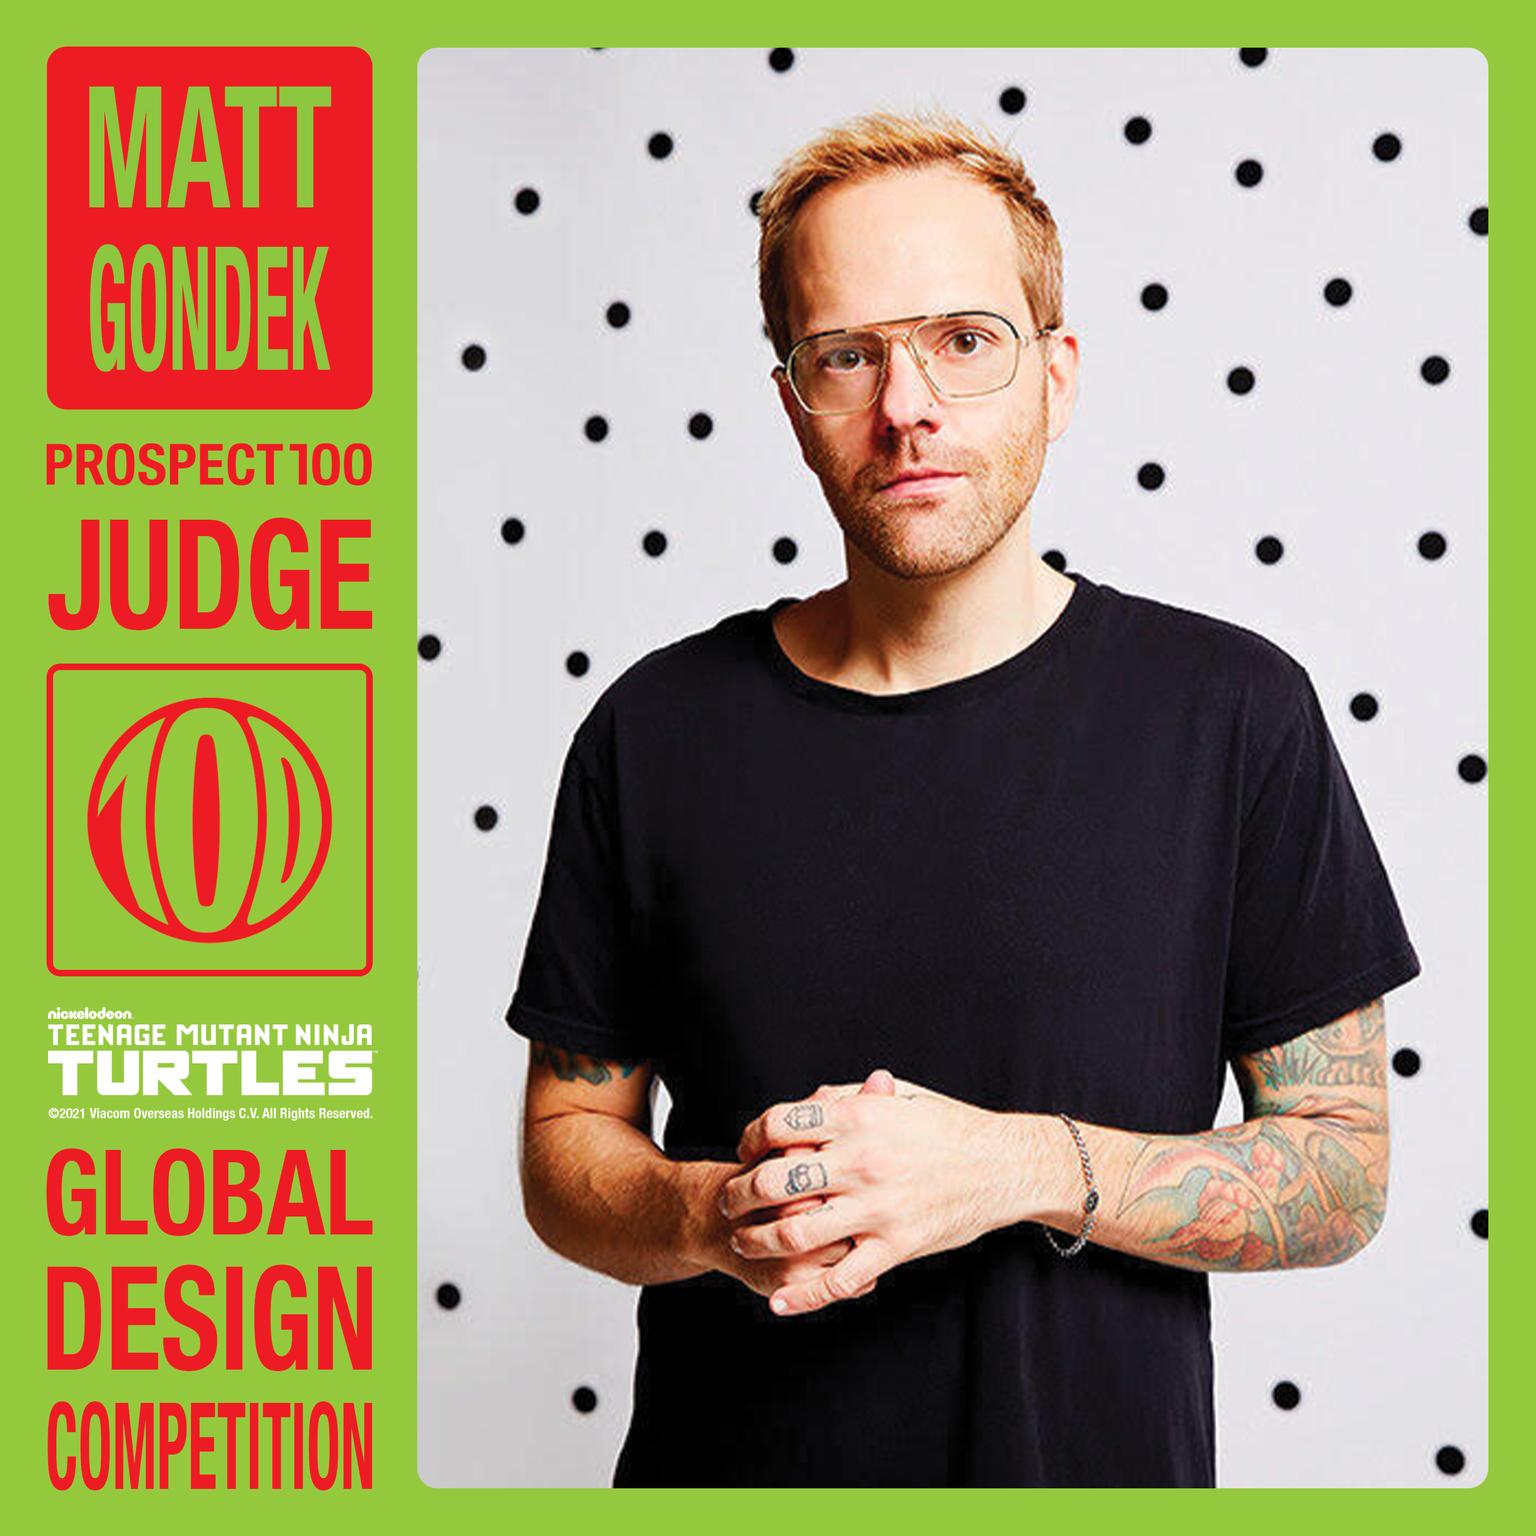 Matt Gondek